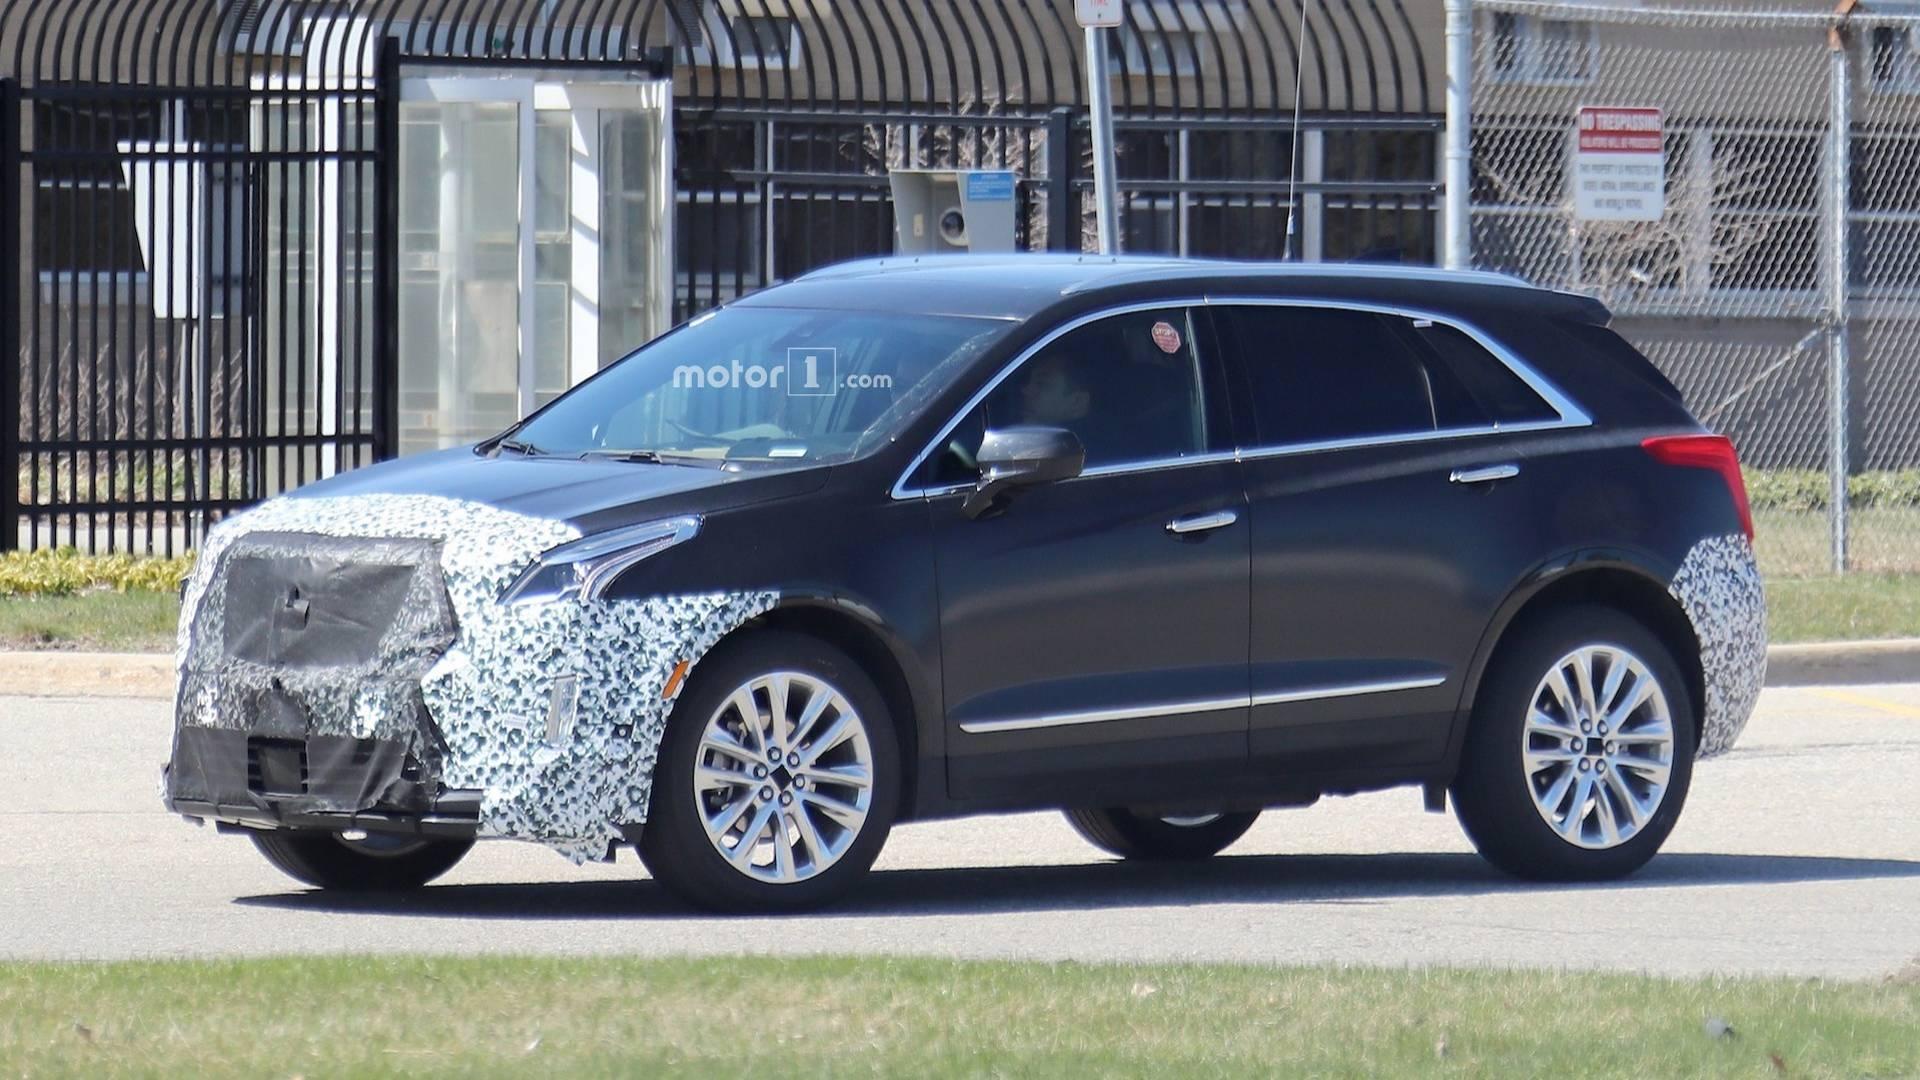 2020 Spy Shots Cadillac Xt5 Model